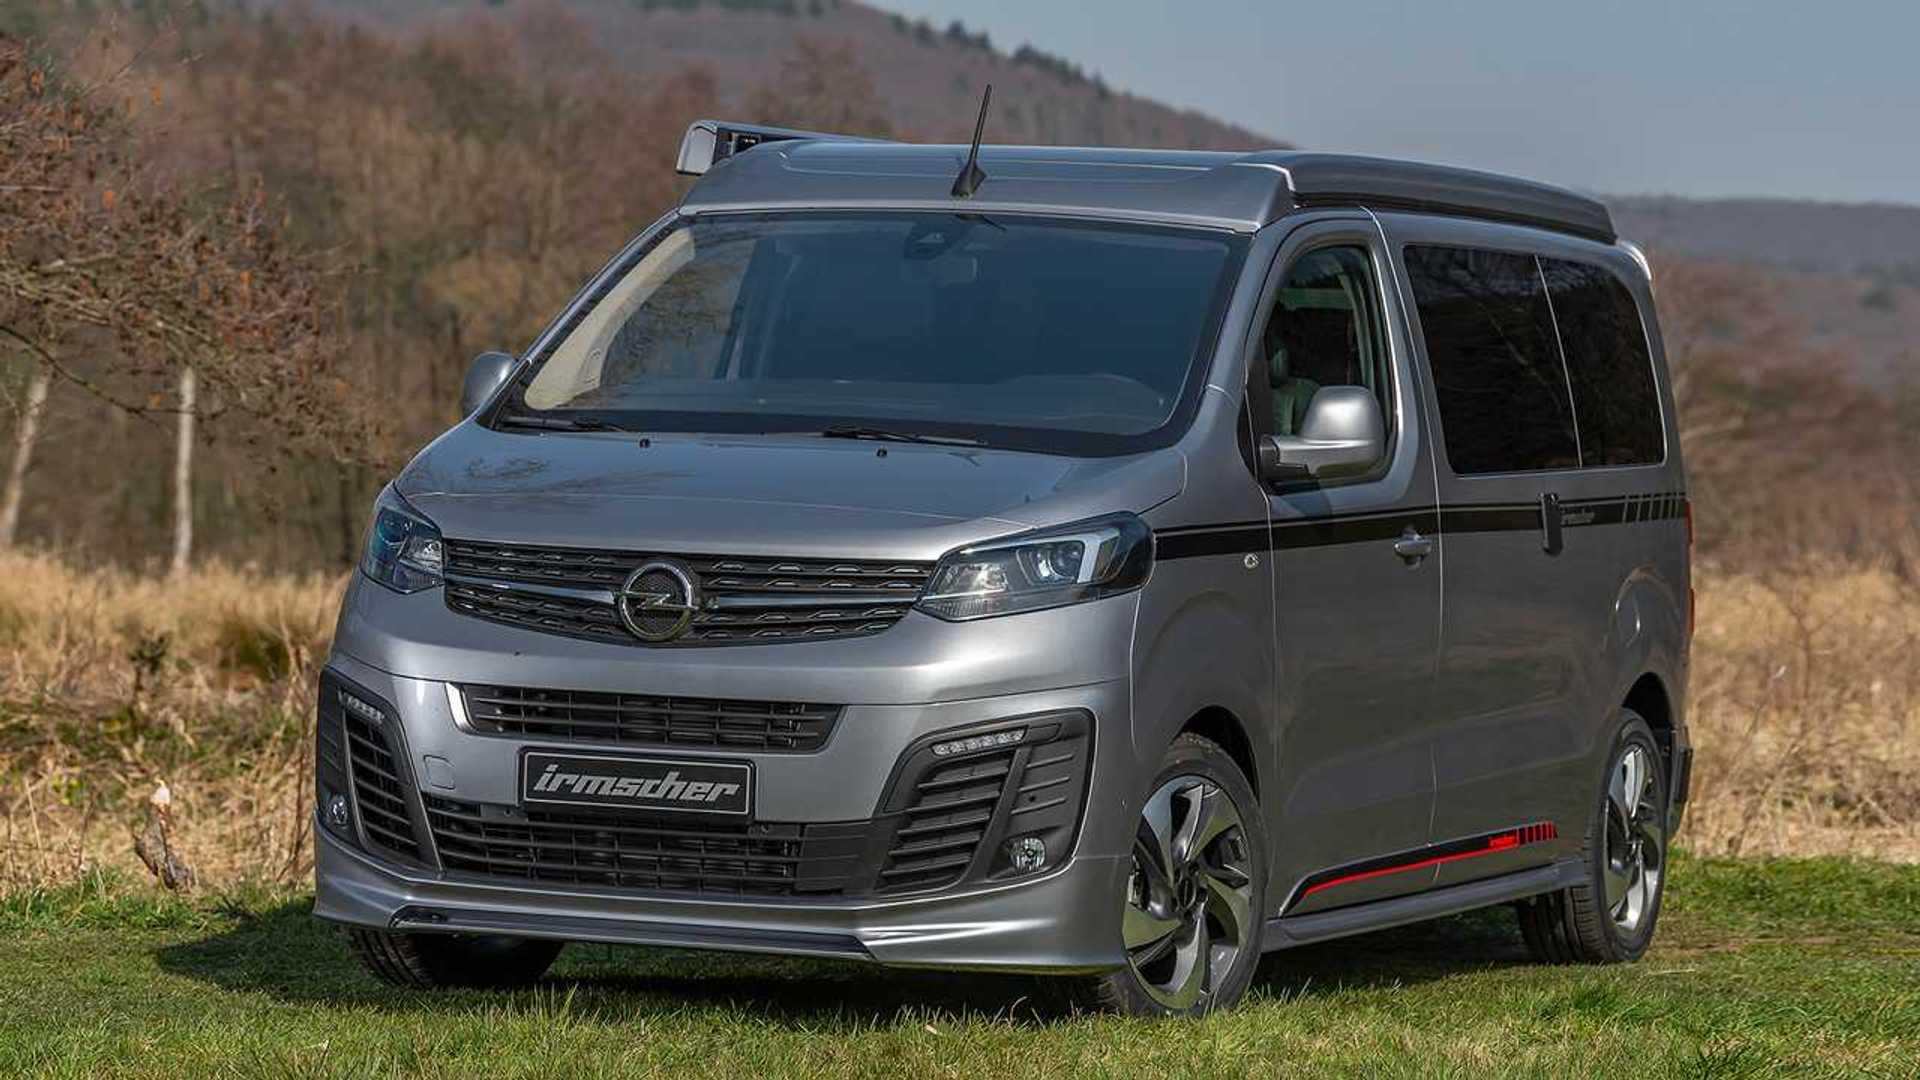 """Irmscher Opel Zafira is8 """"Free"""": Cooler Camper"""